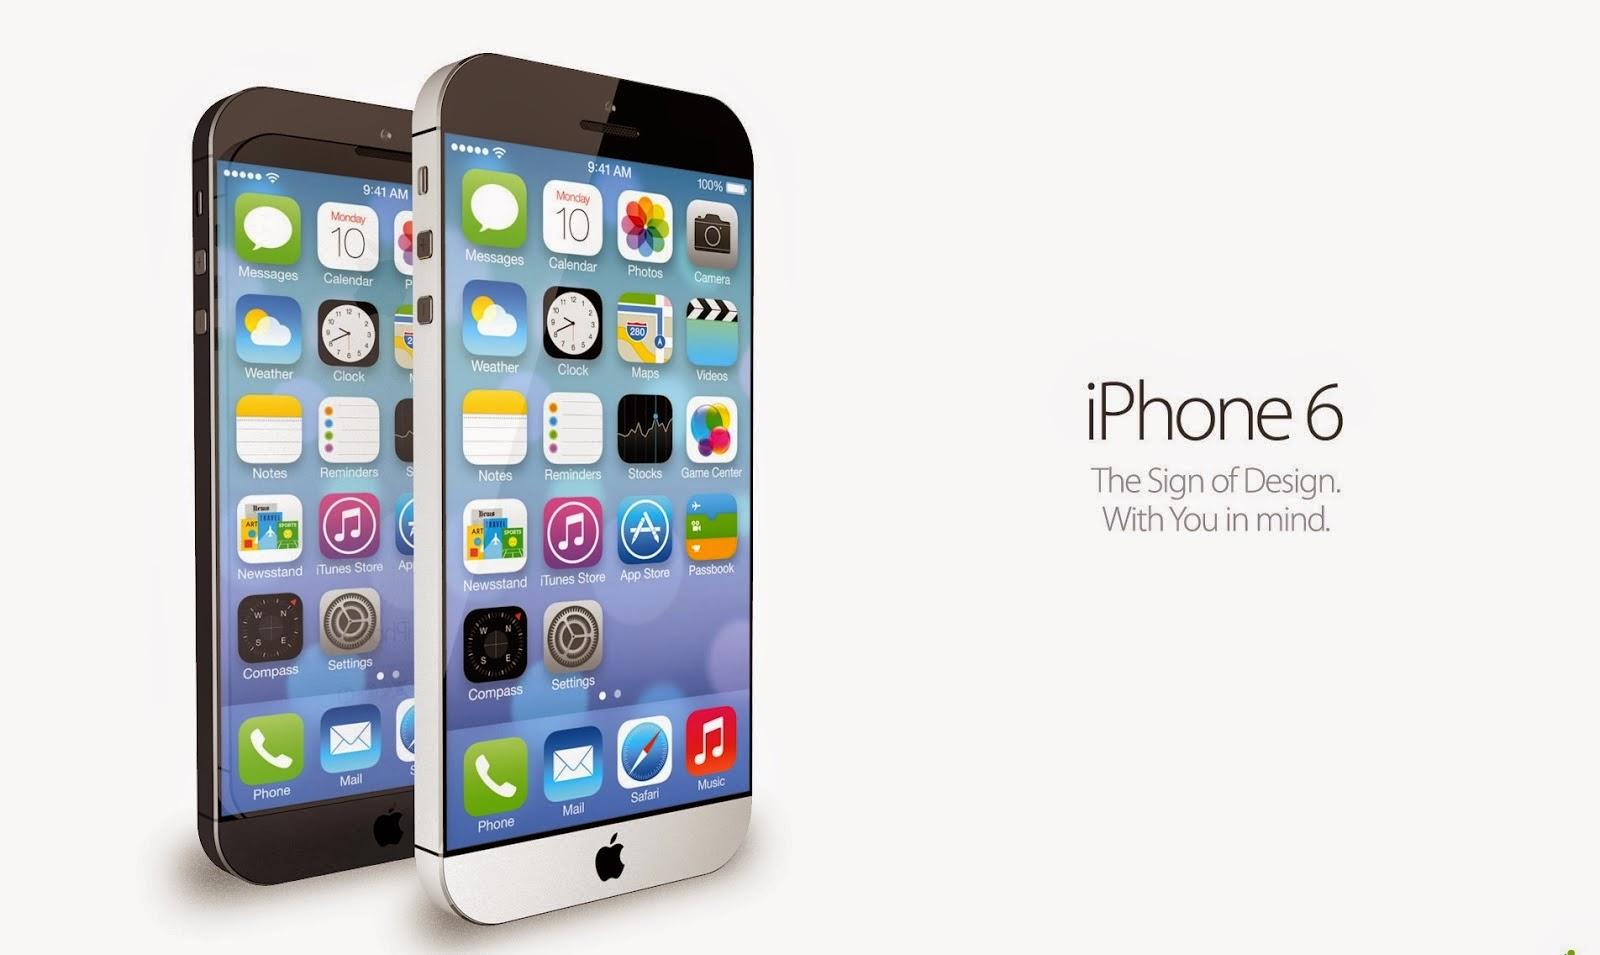 Maxis Mula Jual iPhone 6 Baharu 6 November 2014